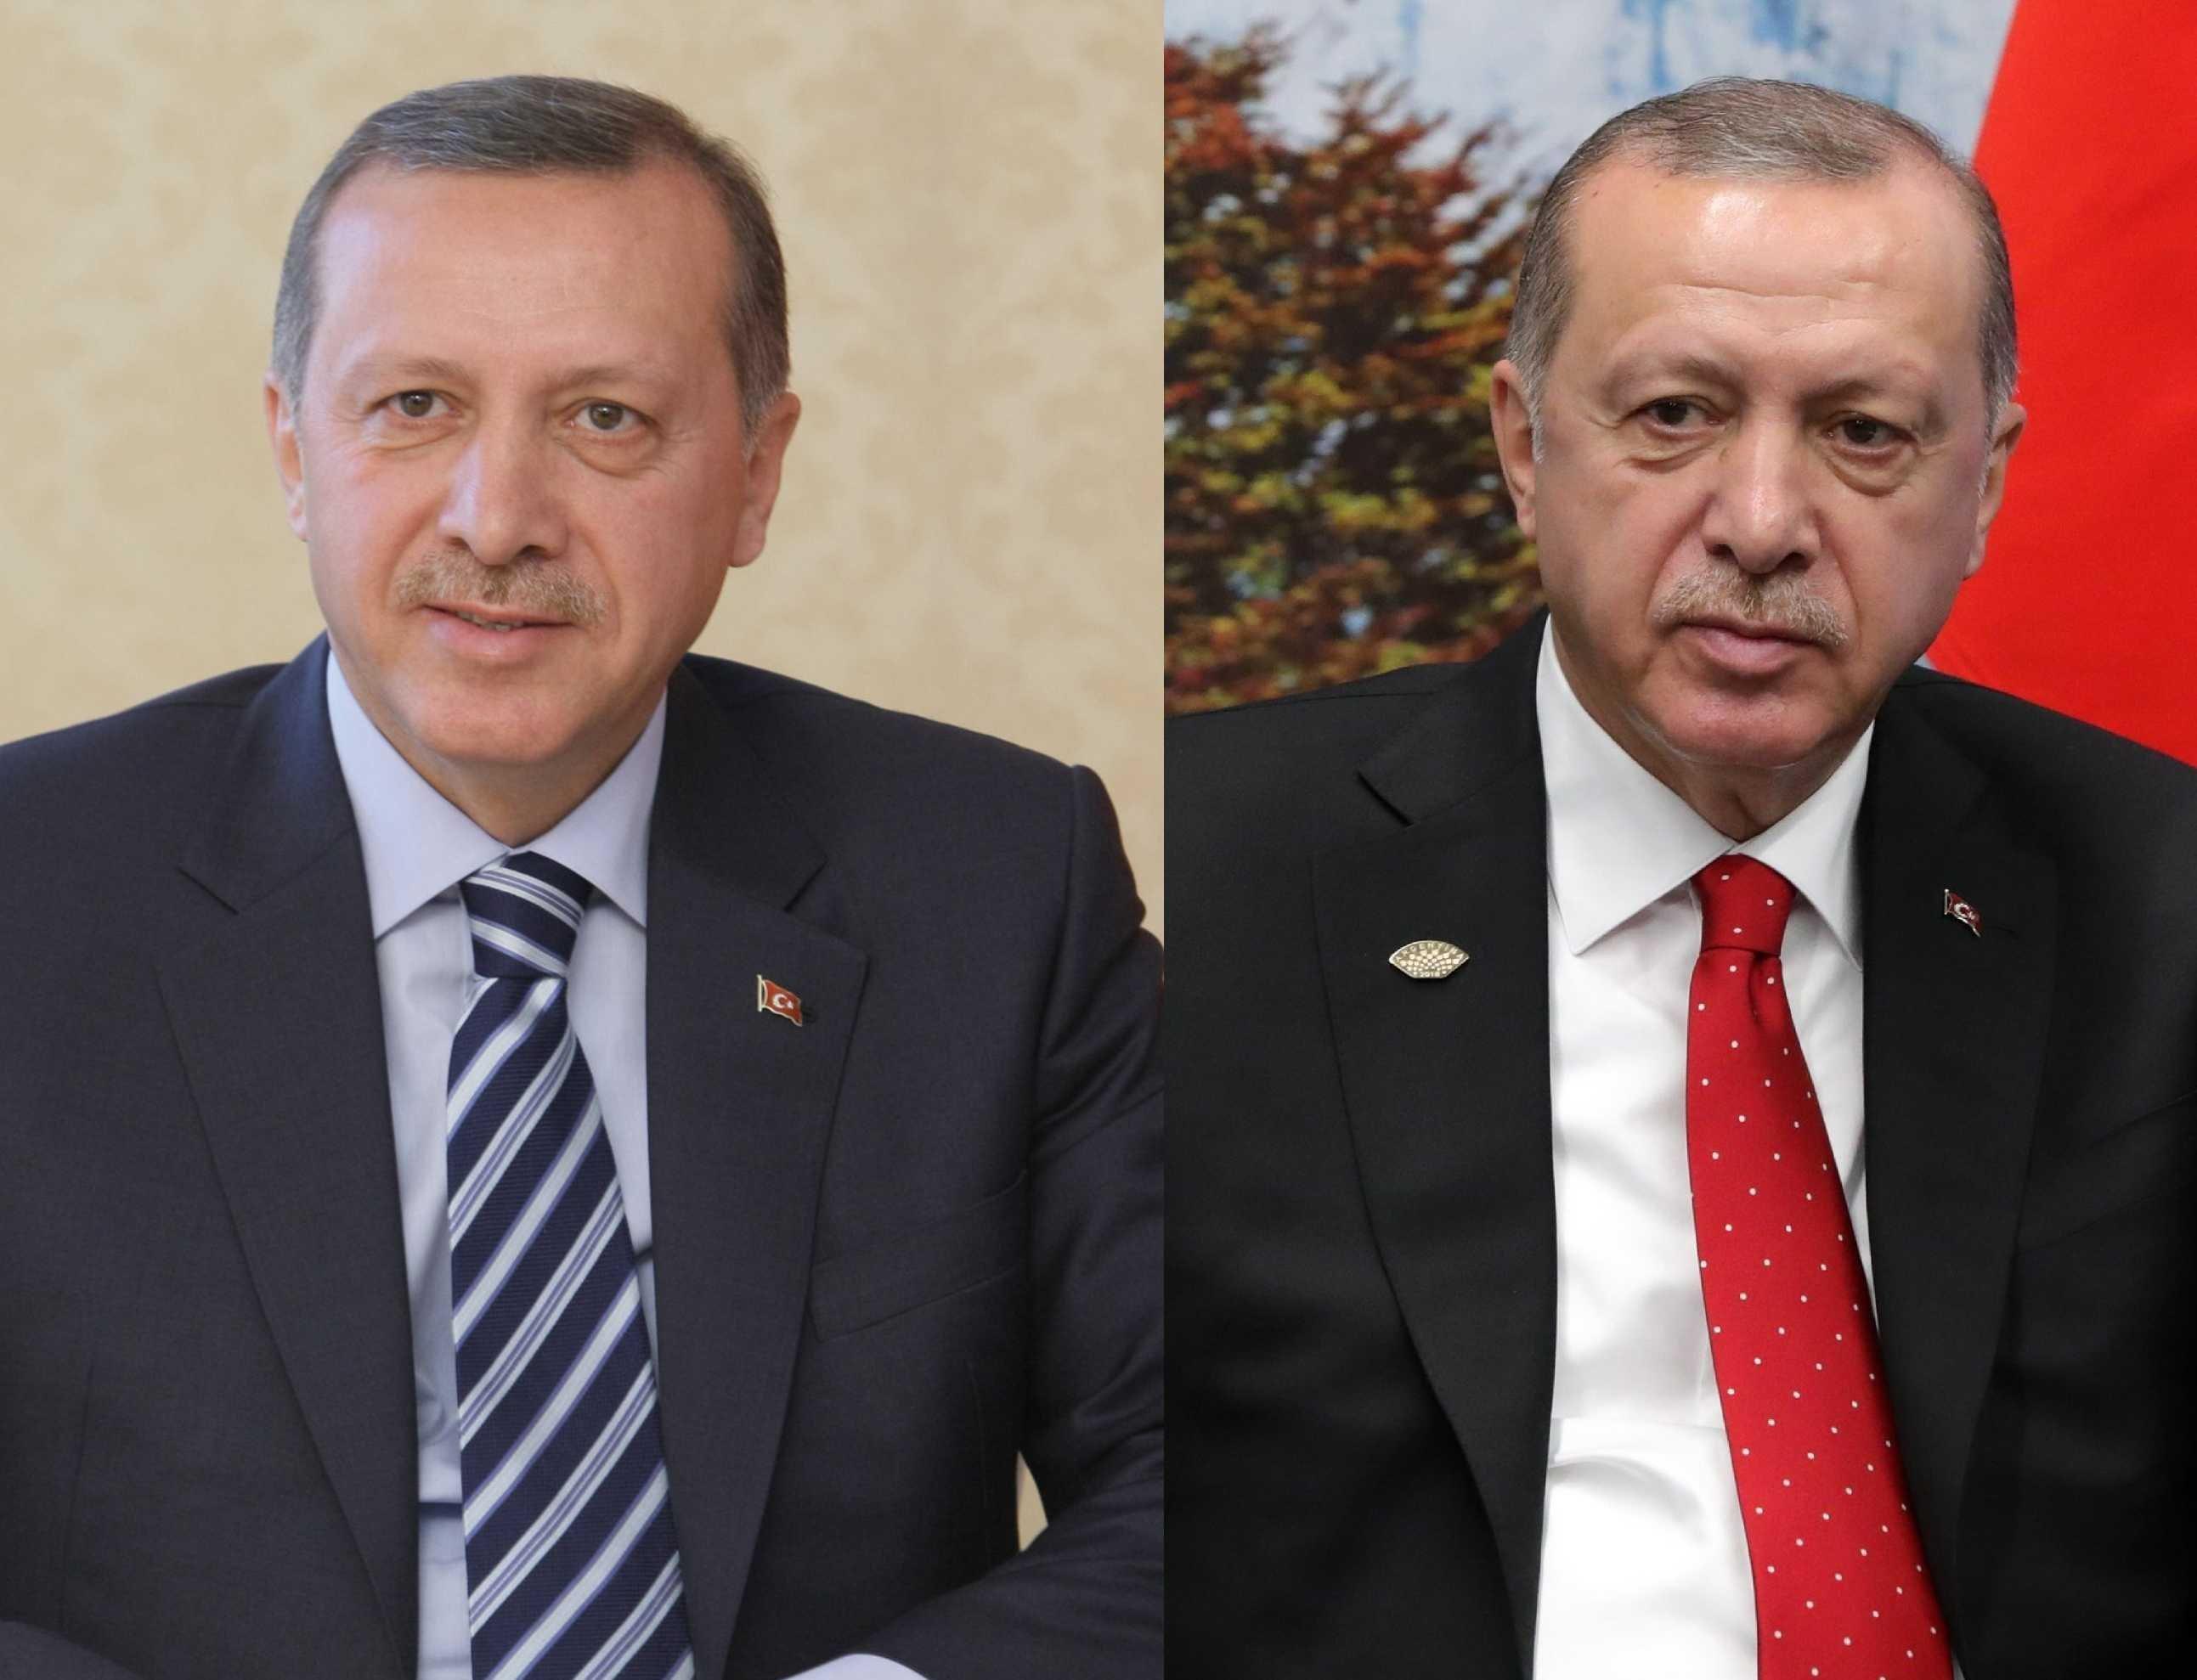 El actual líder turco, Recep Erdogan, en el 2009 / en el 2018